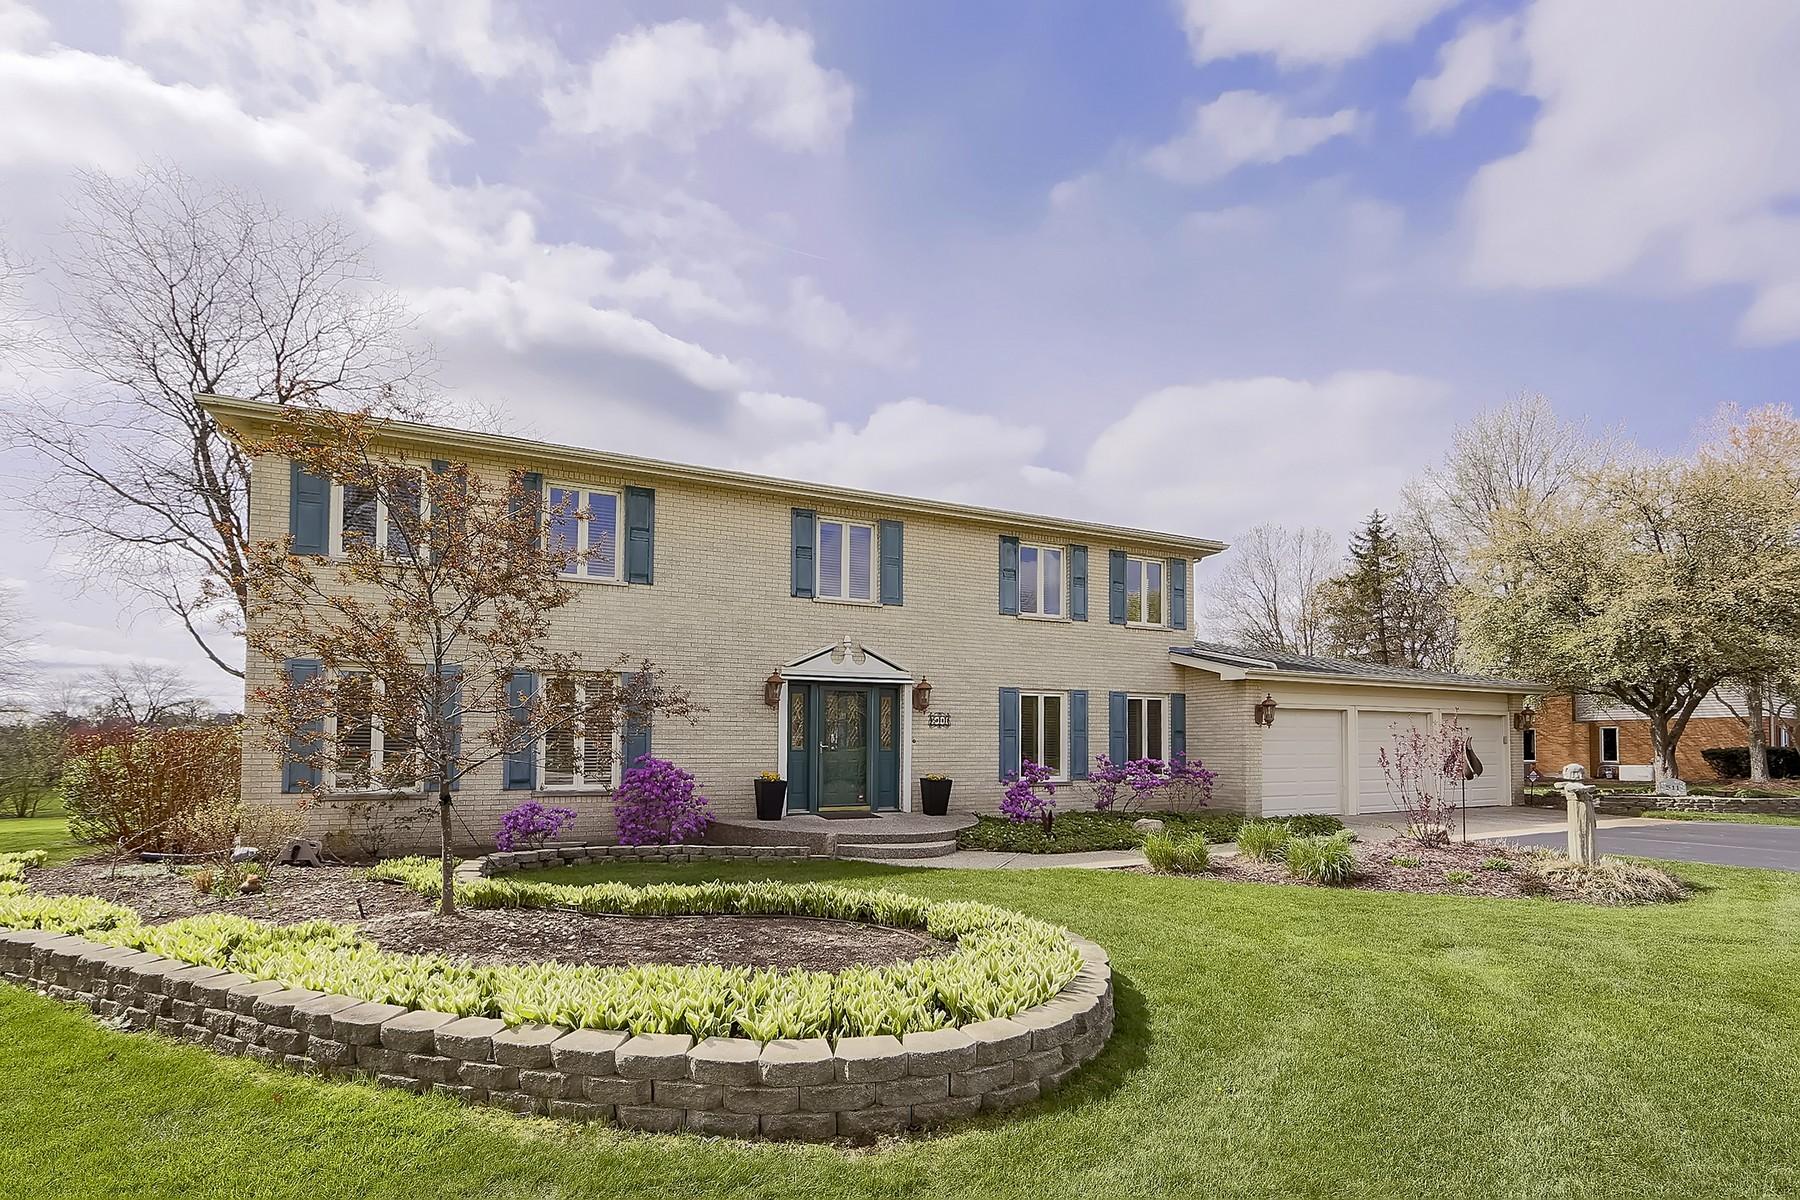 Maison unifamiliale pour l Vente à Prime Location 511 Rue Orleanais Deer Park, Illinois, 60010 États-Unis